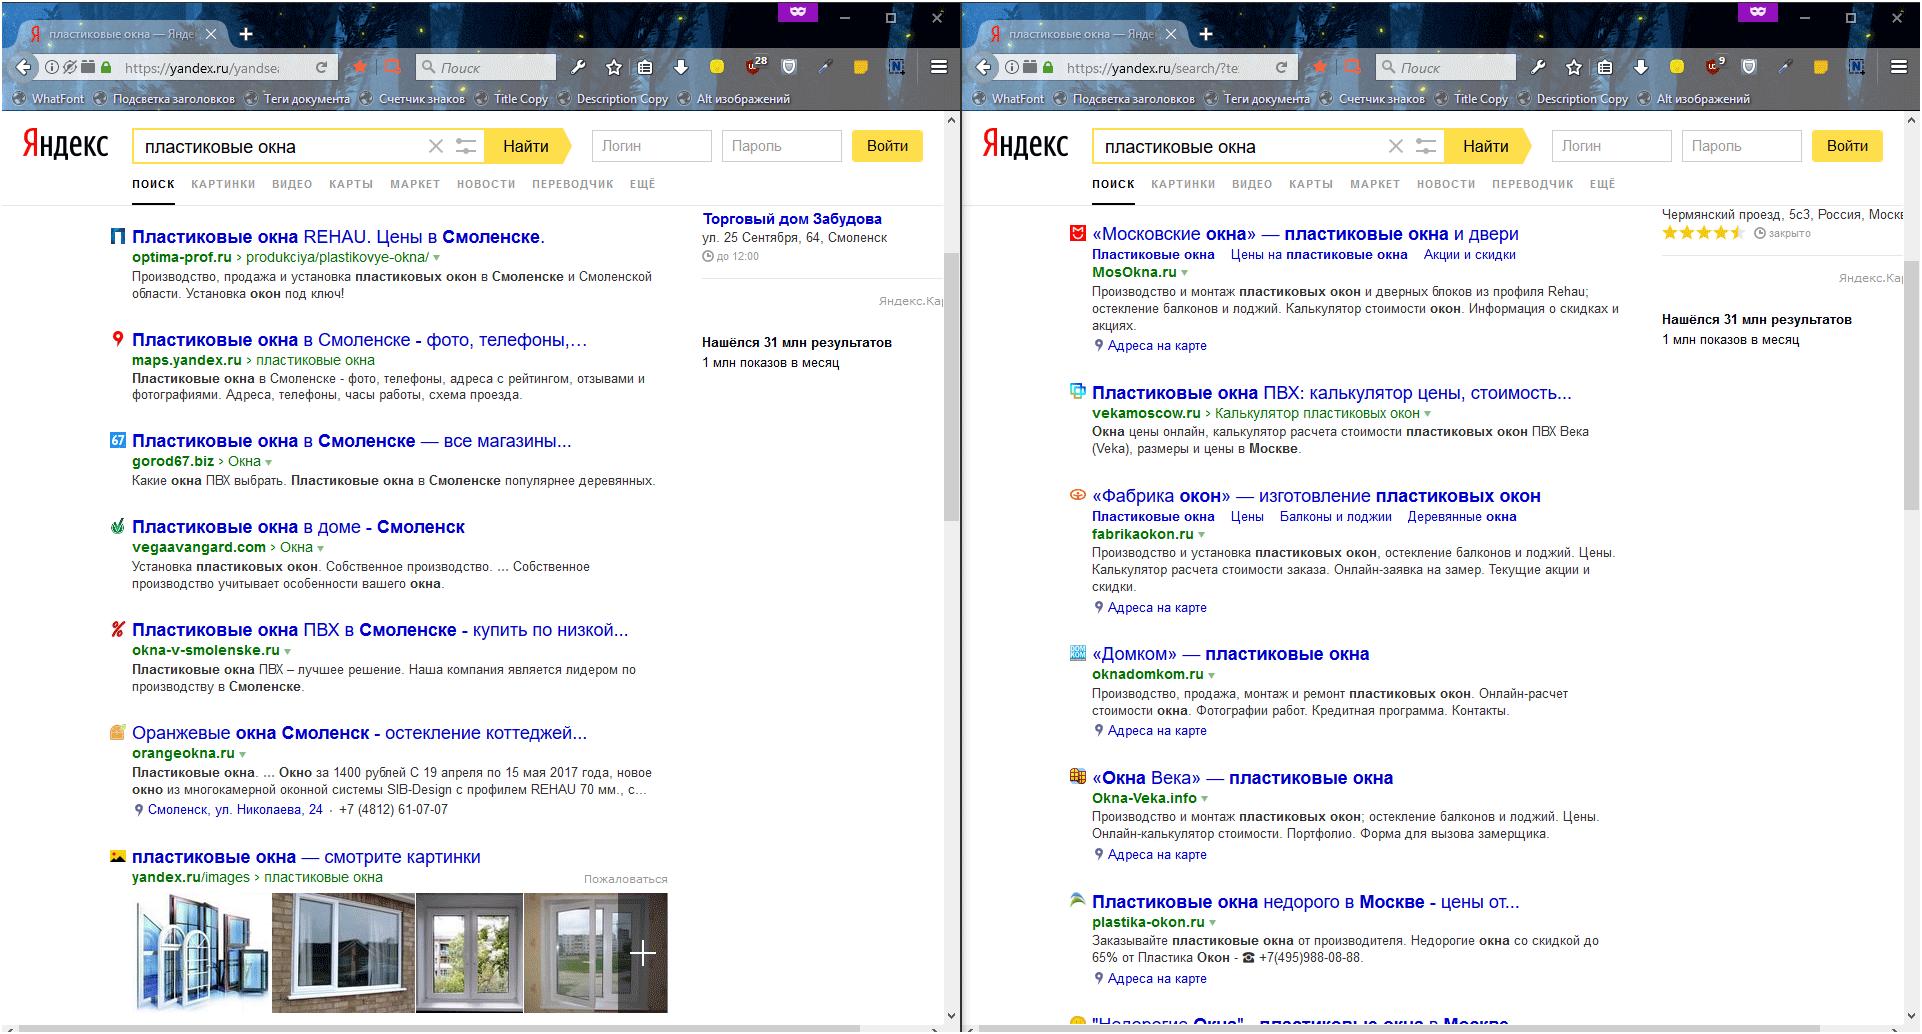 Продвижение web сайтов оптимизация в с петербурге по умеренным ценам продвижение сайта понд спа